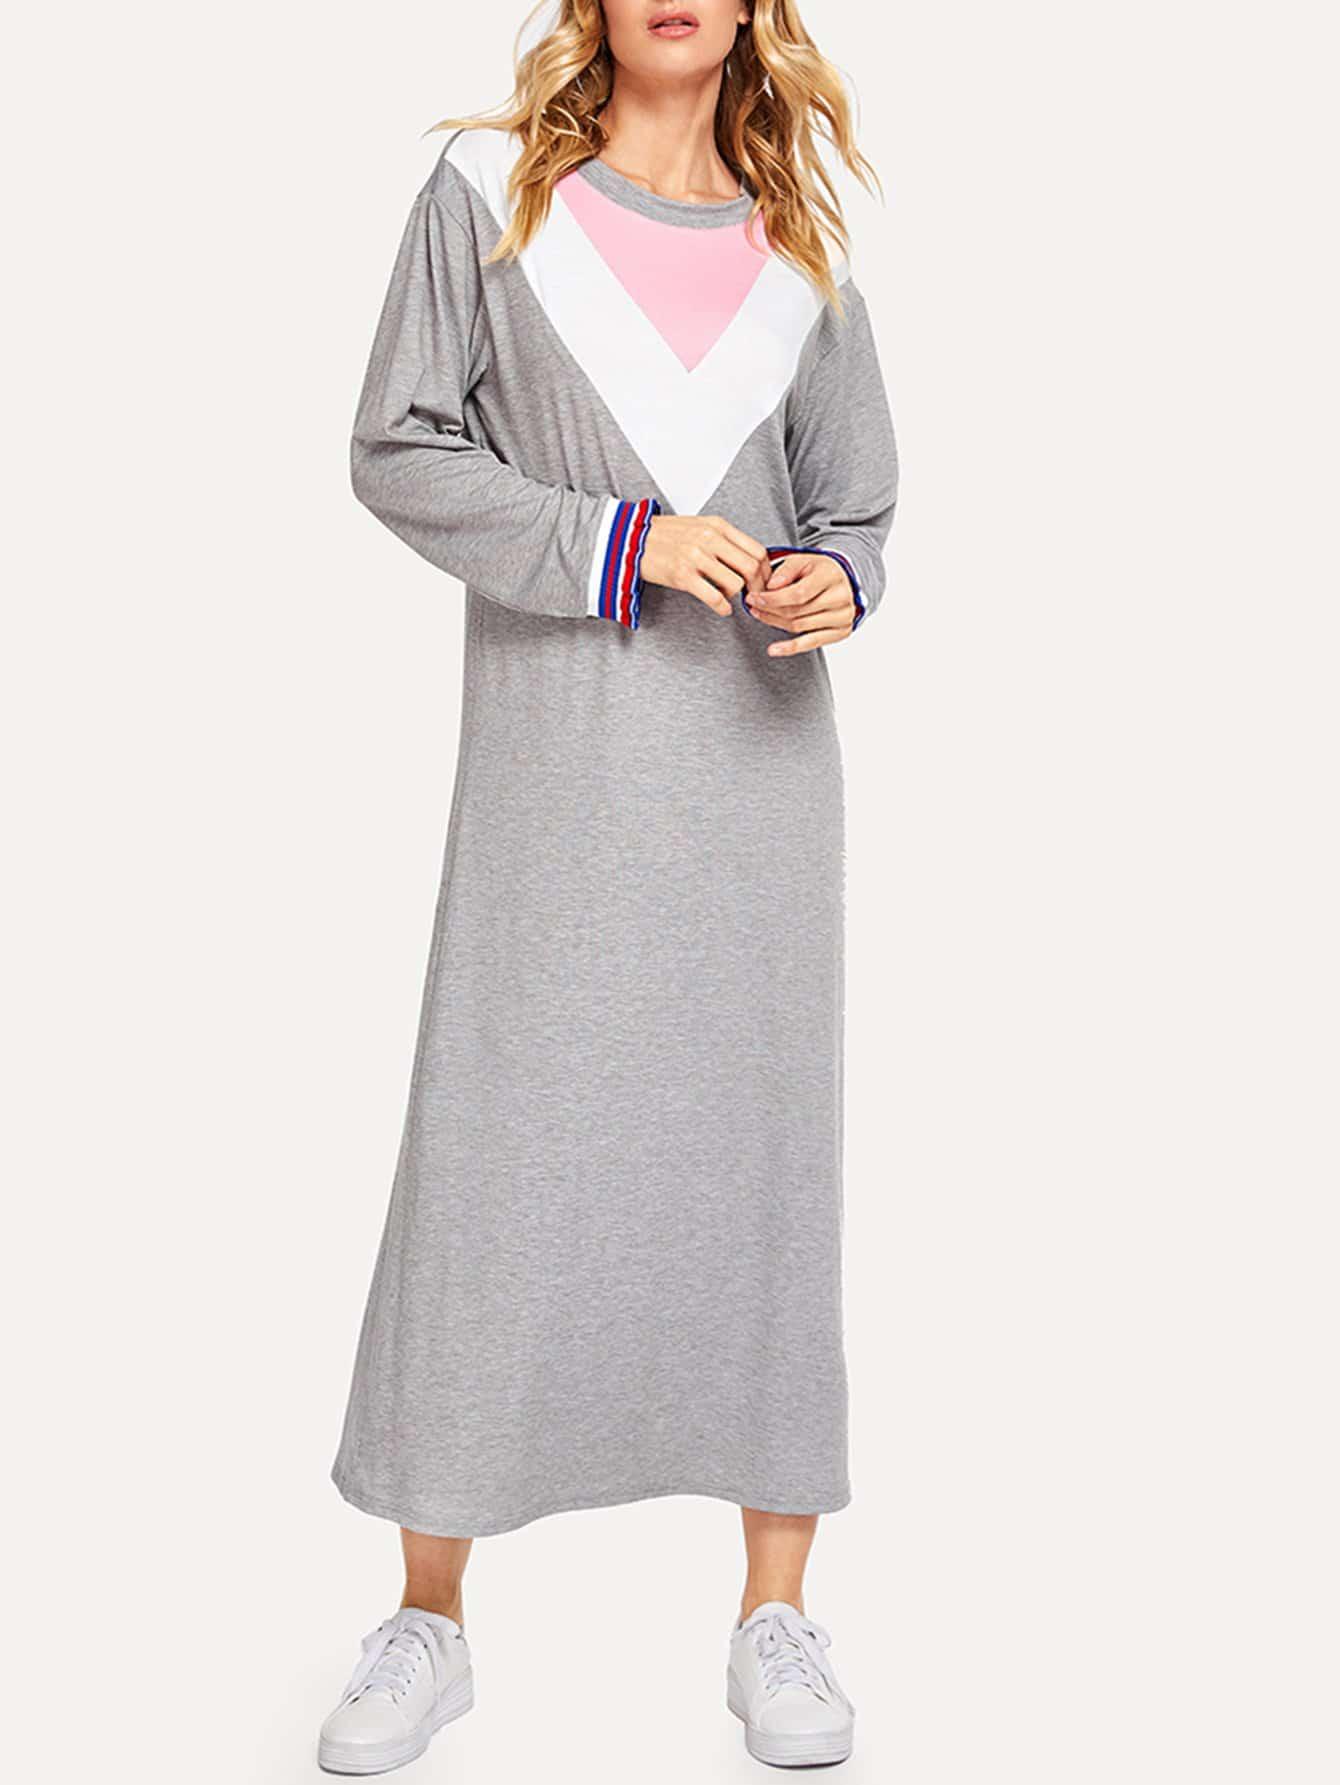 Купить Контрастное платье-свитшота шеврона с полосатыми рукавами, Masha, SheIn